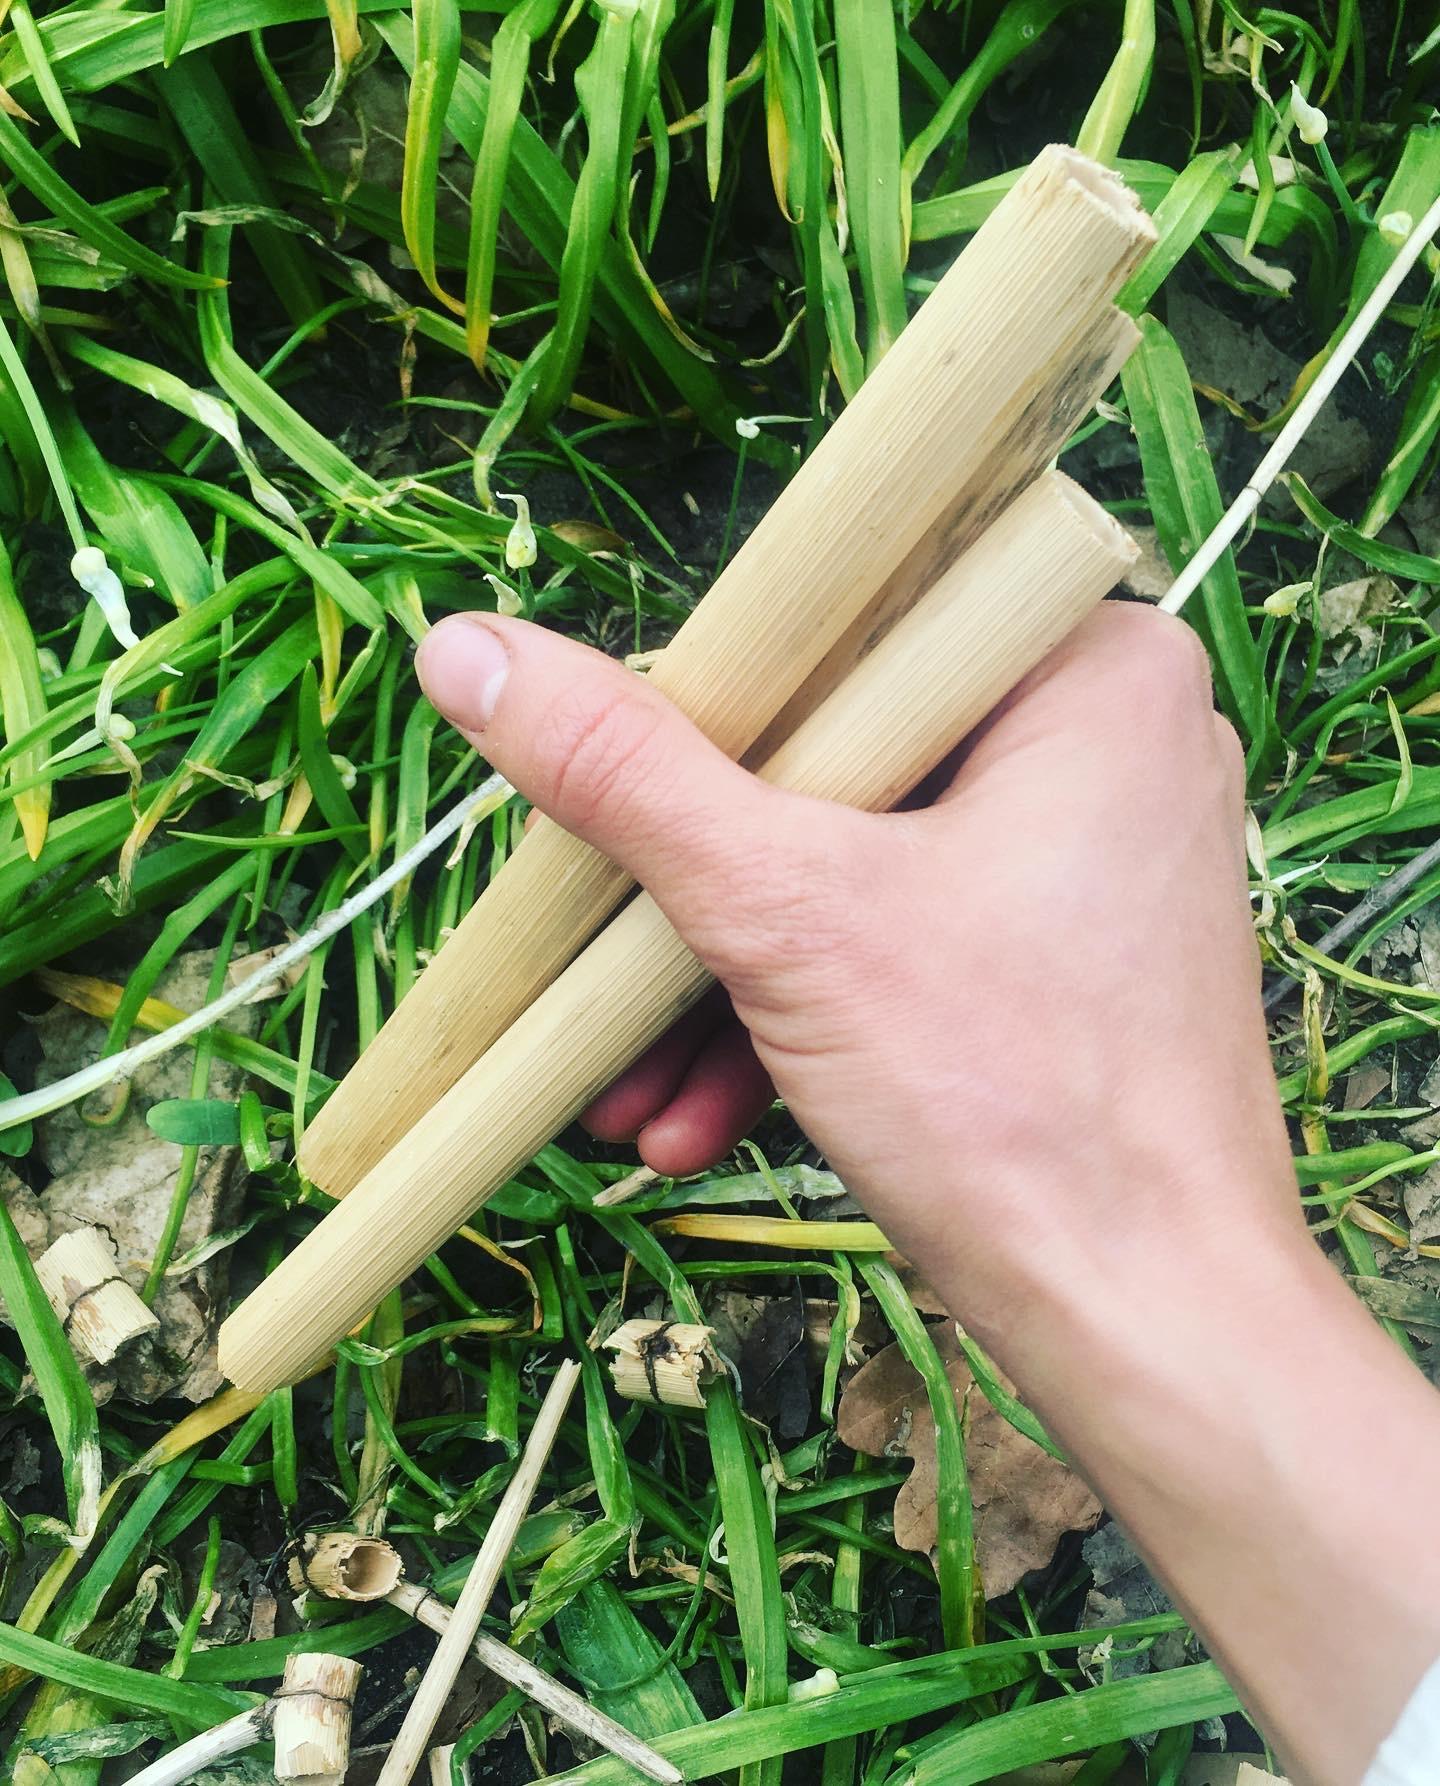 holding japanese knotweed straws